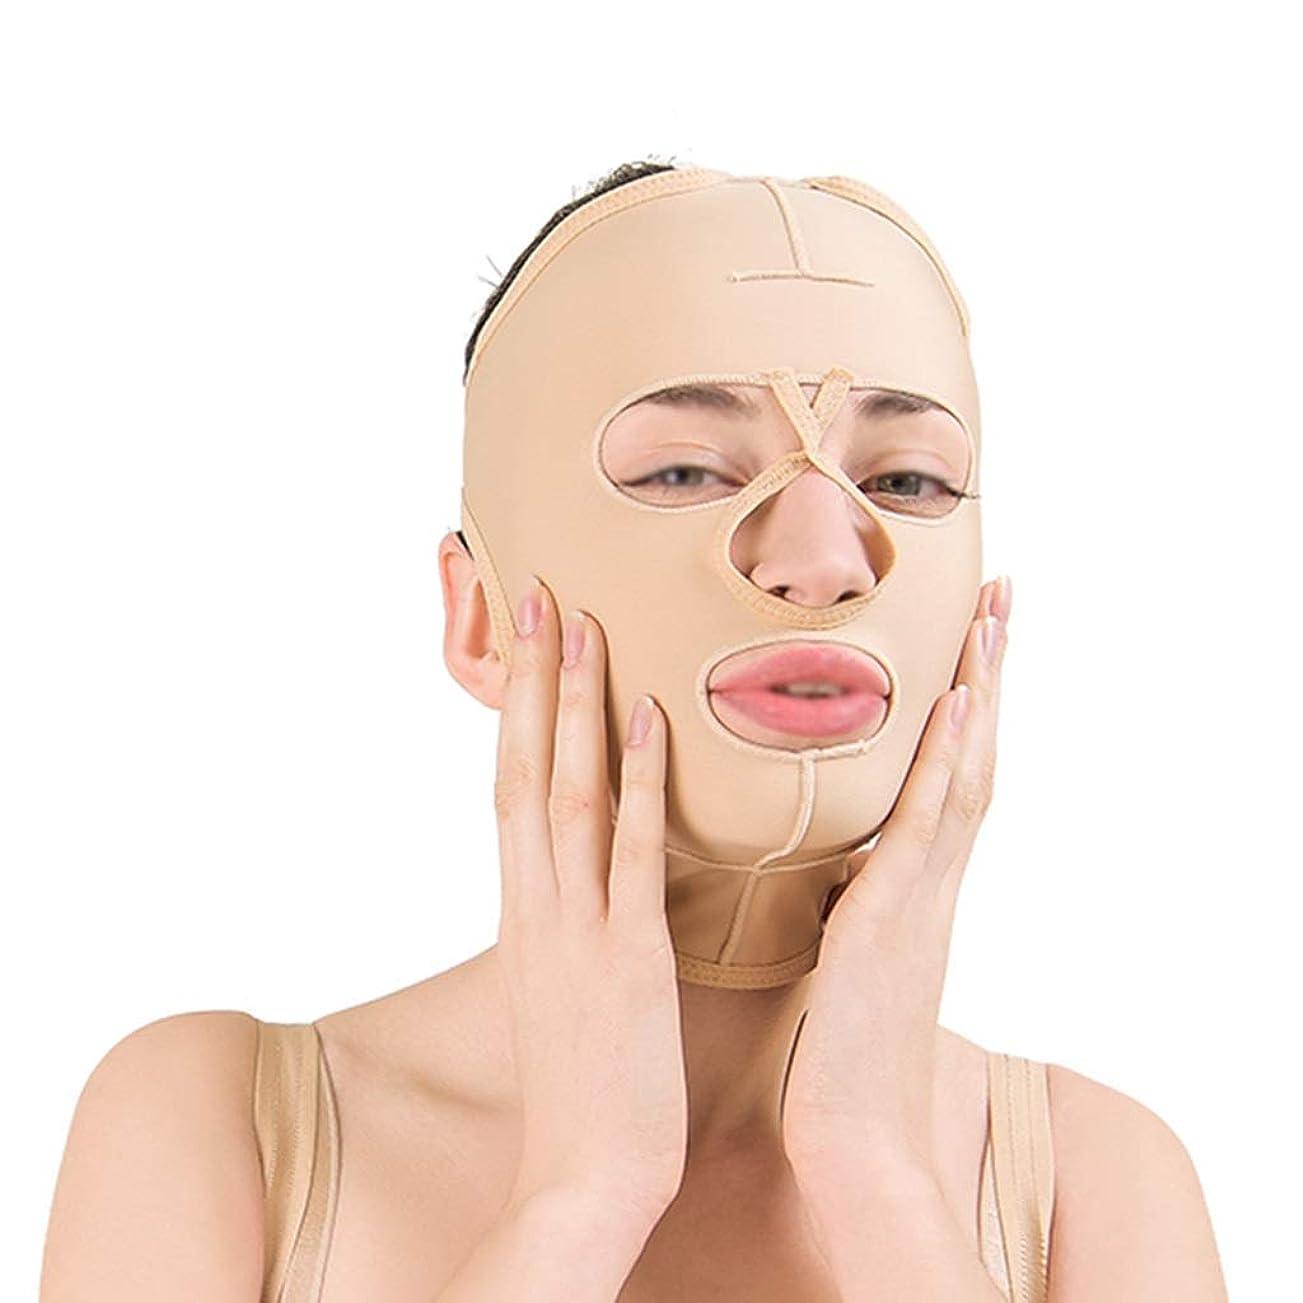 保護する意気揚々幸福フェイススリミングマスク、フェイスバンデージ付きフェイシャル減量マスク、通気性フェイスリフト、引き締め、フェイスリフティング(サイズ:L),S